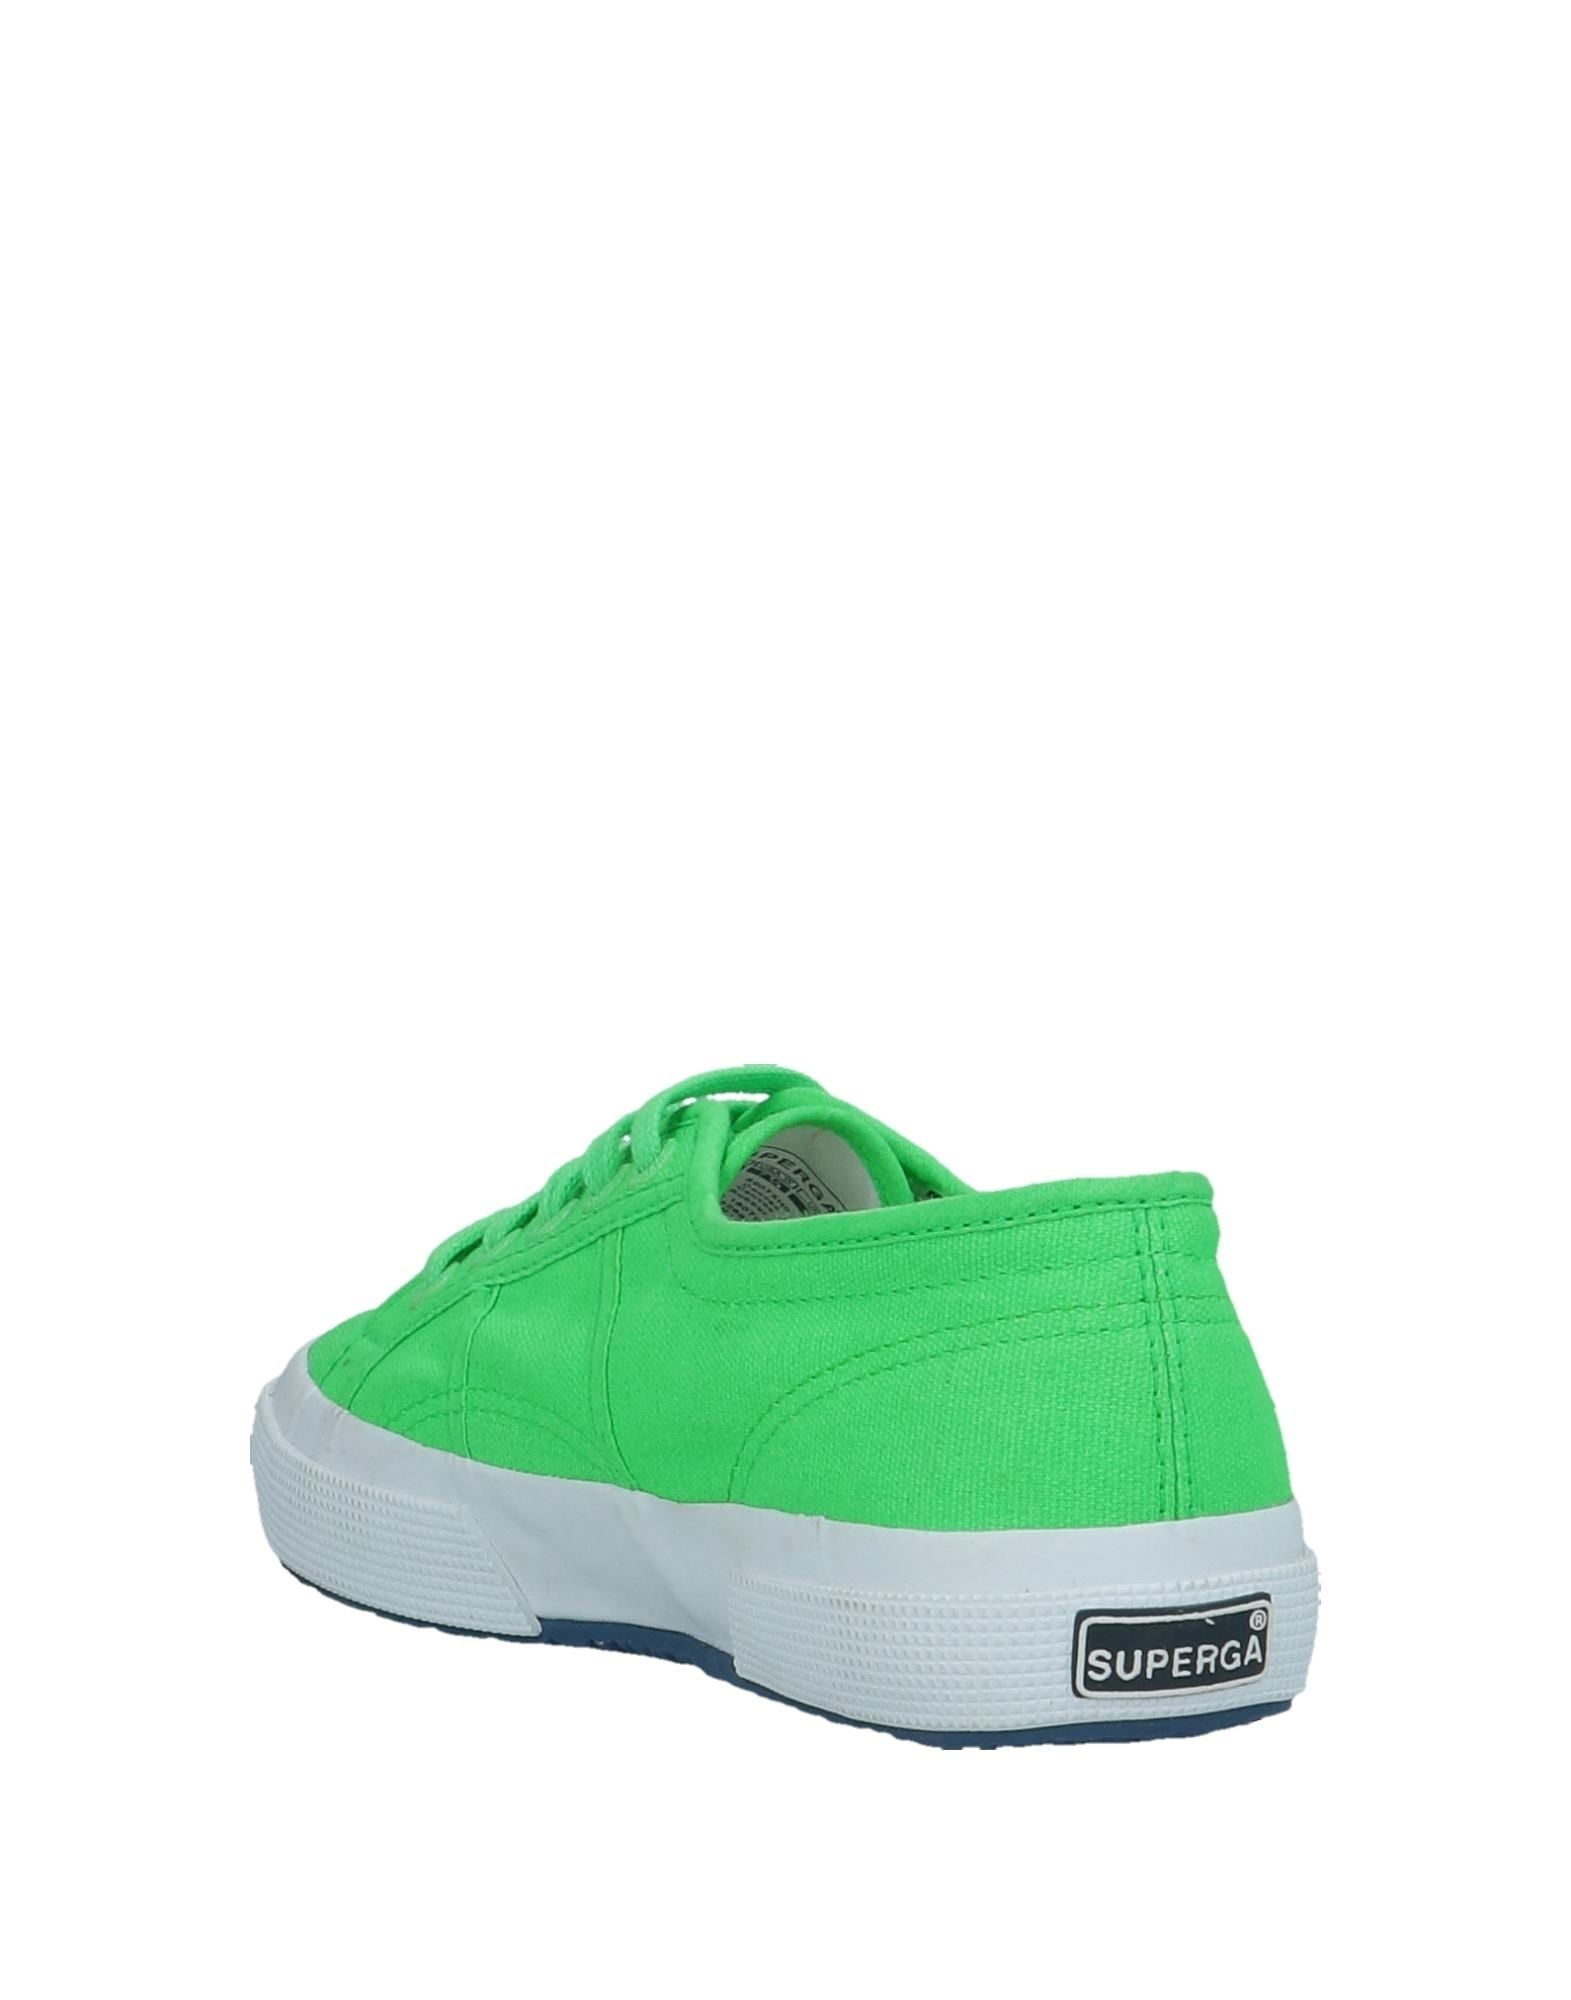 Superga® Sneakers Damen Damen Sneakers  11538231KT  373146